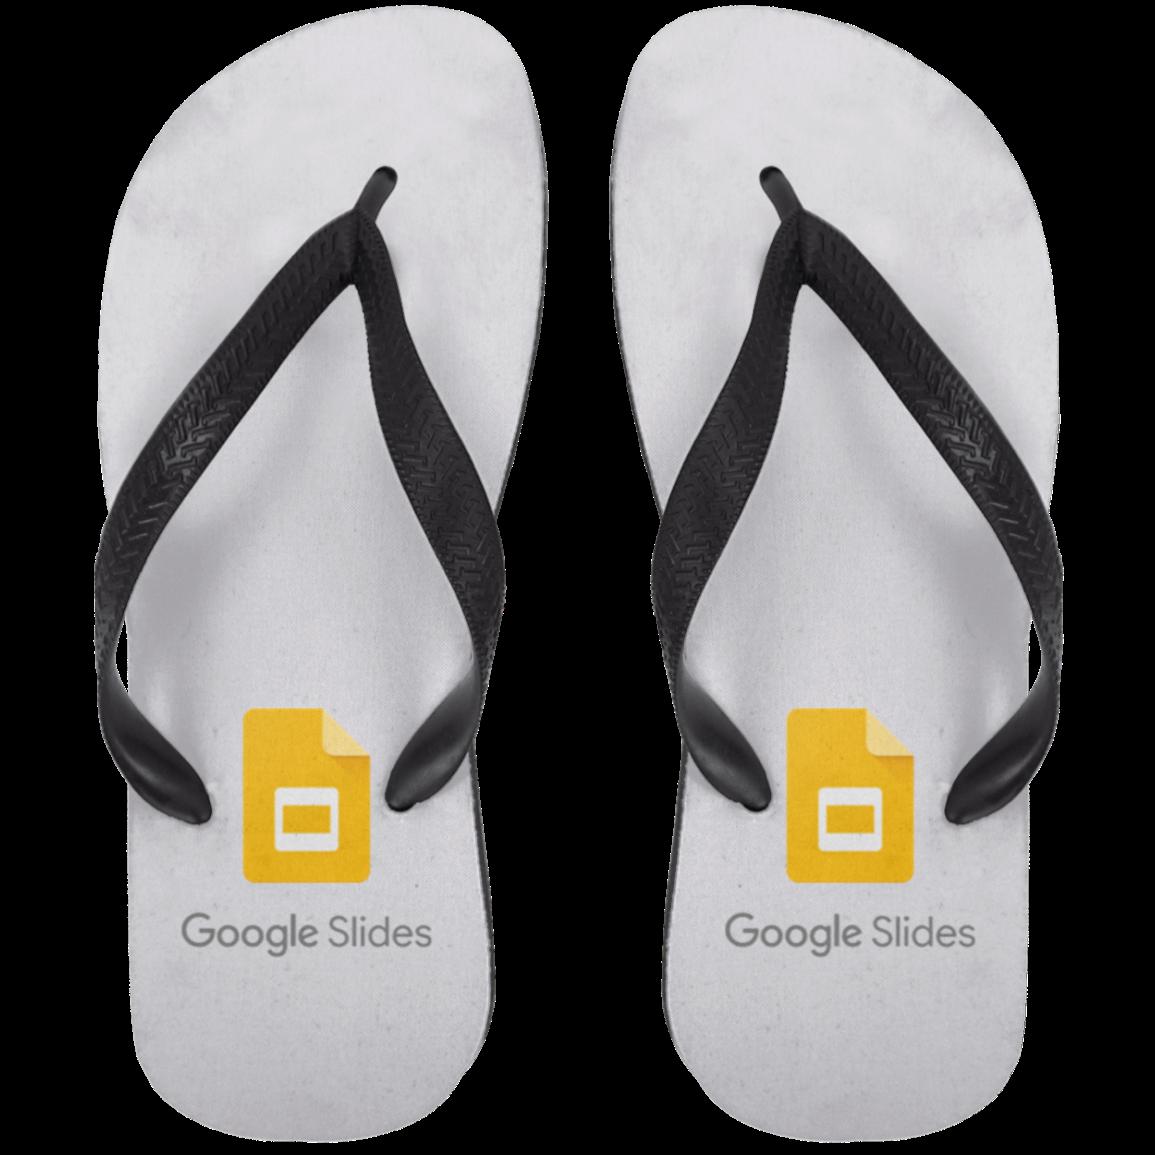 Google Slides Flip Flops. Google Slides